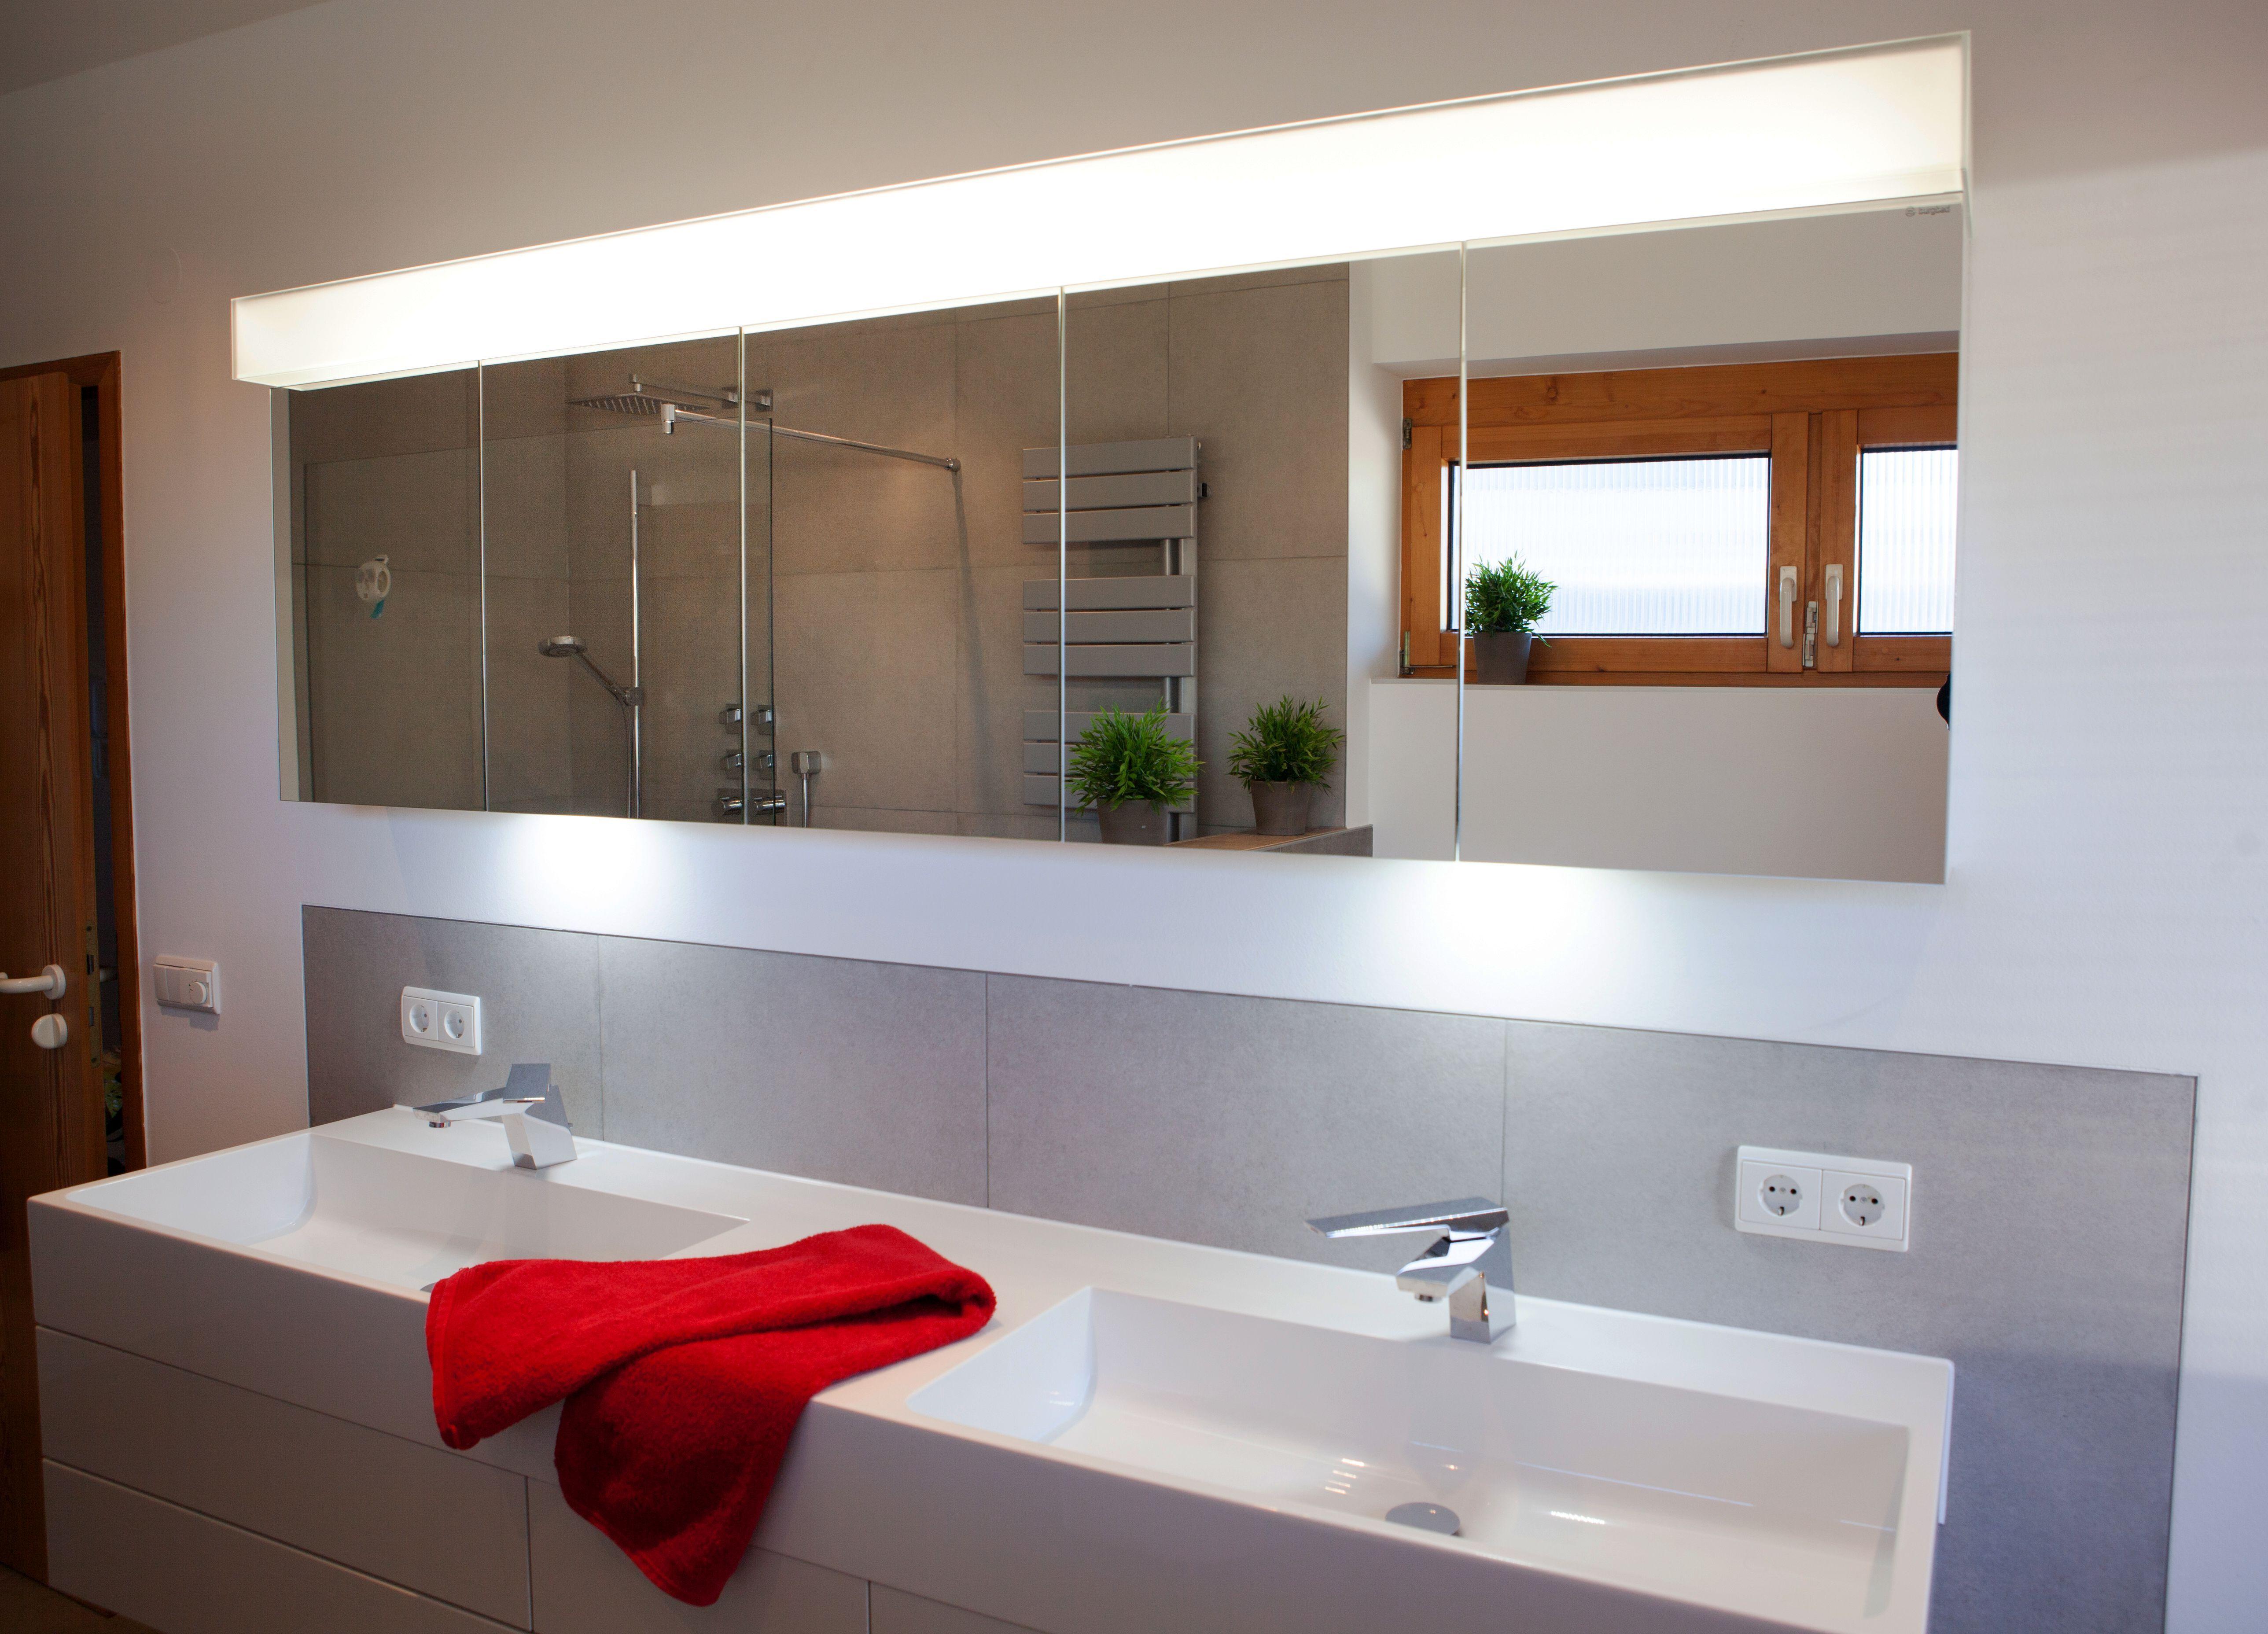 Badezimmer mintgrün ❈ Badsanierung von Rühle GmbH  Badezimmer